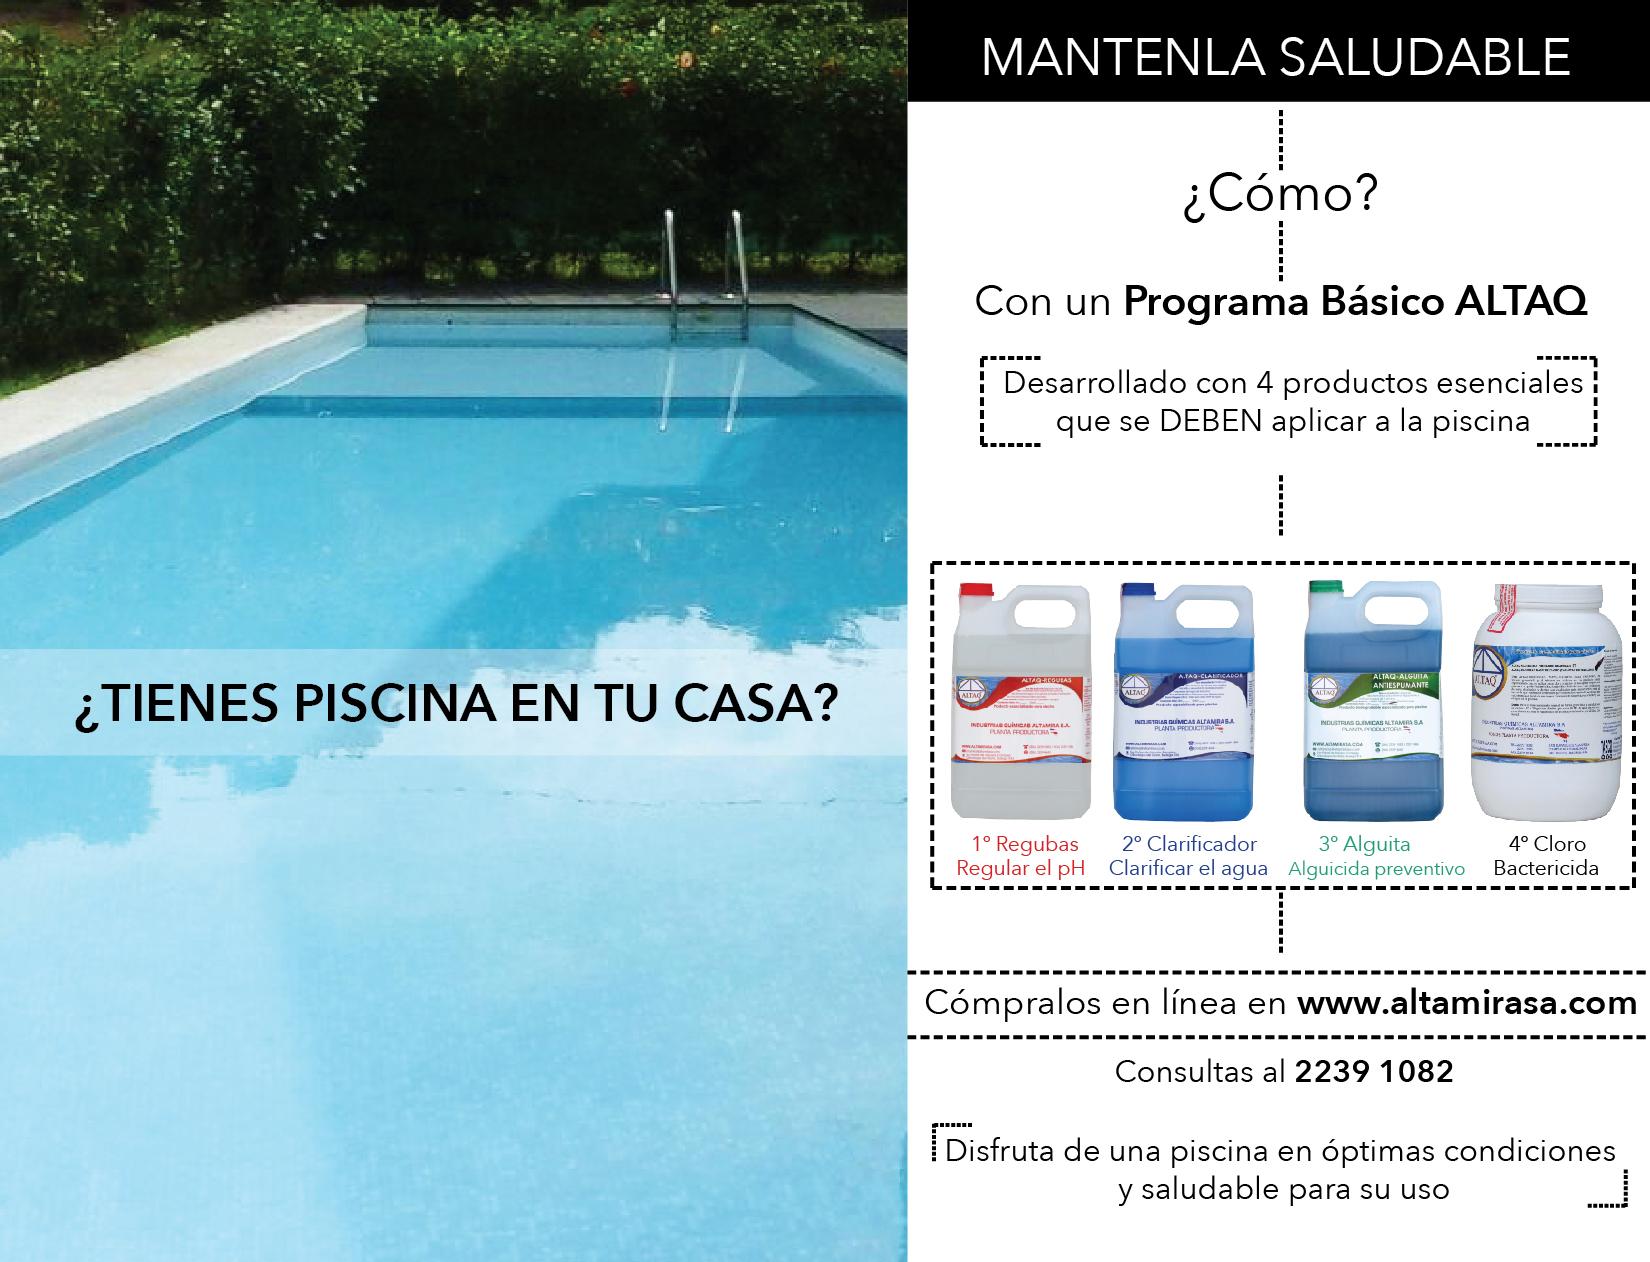 Tienes piscina en tu casa piscinas costa rica for Mantenimiento de la piscina